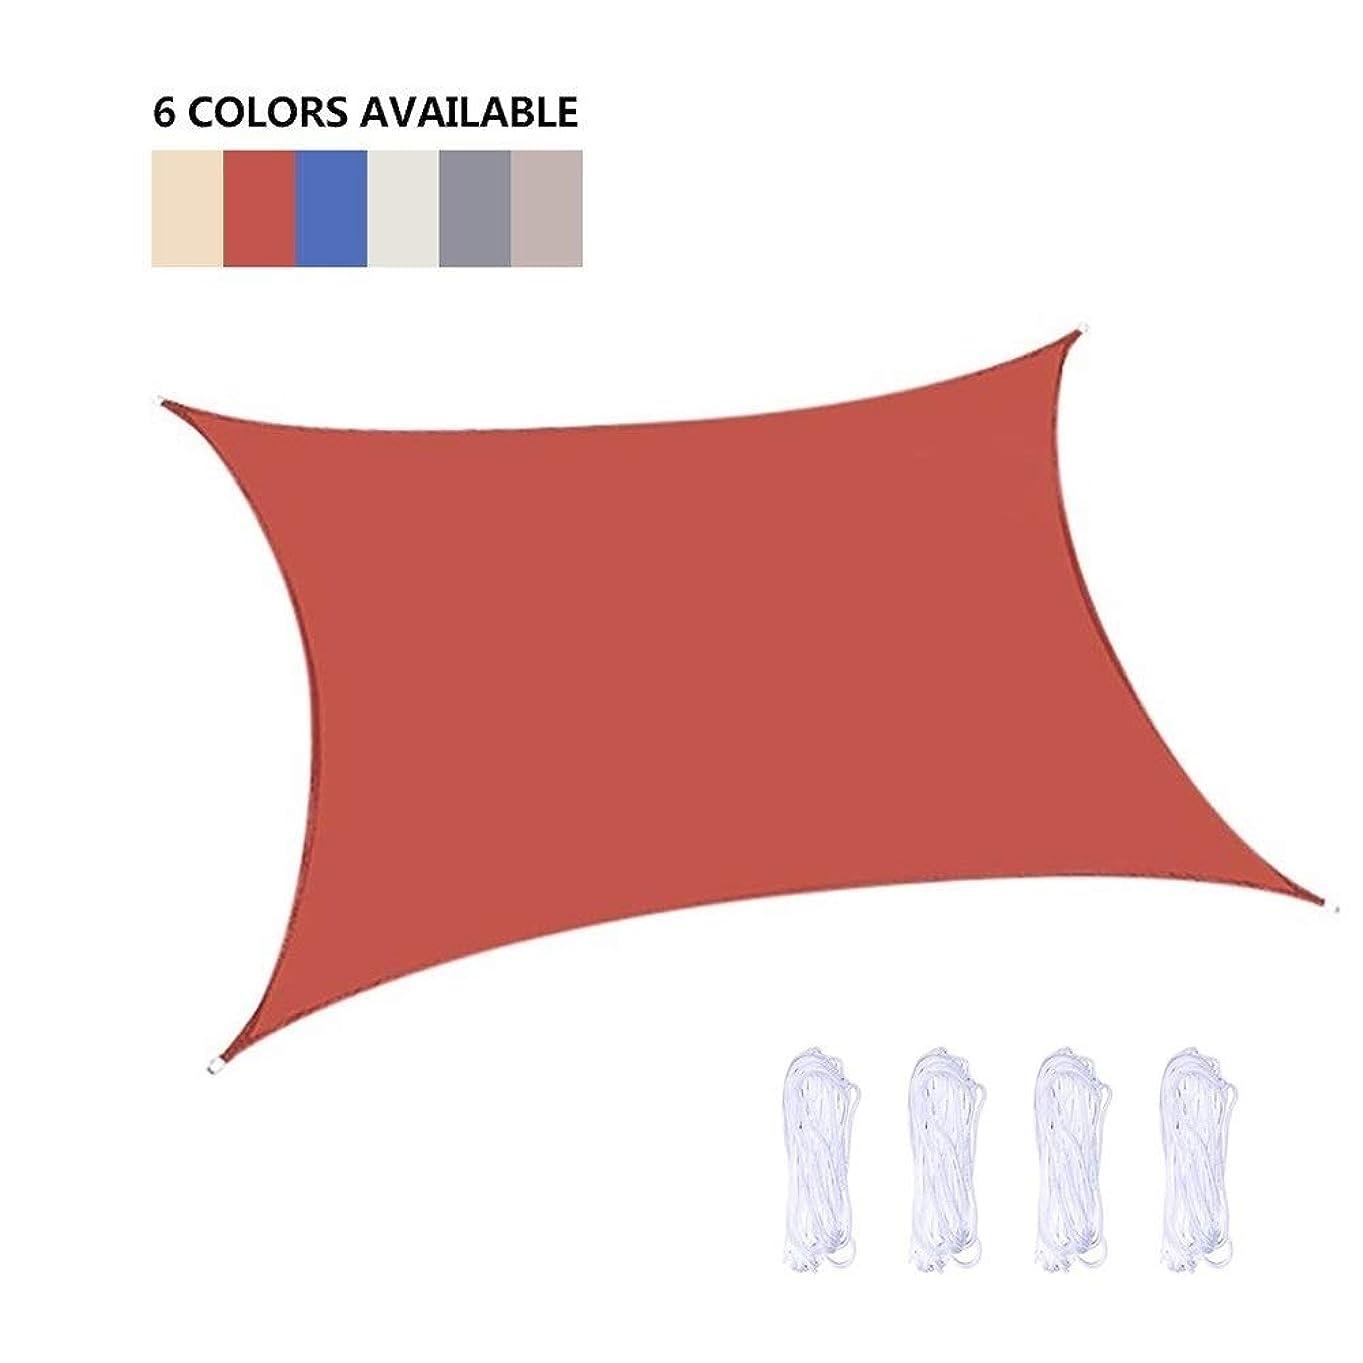 仲良したっぷりマナーコートヤード四隅セイルシェード160GSMポリエステルオックスフォード生地の防水キャノピーガーデンプールパティオUVブロックオーニング工場カバー (Color : Rust red, Size : 6x9m)